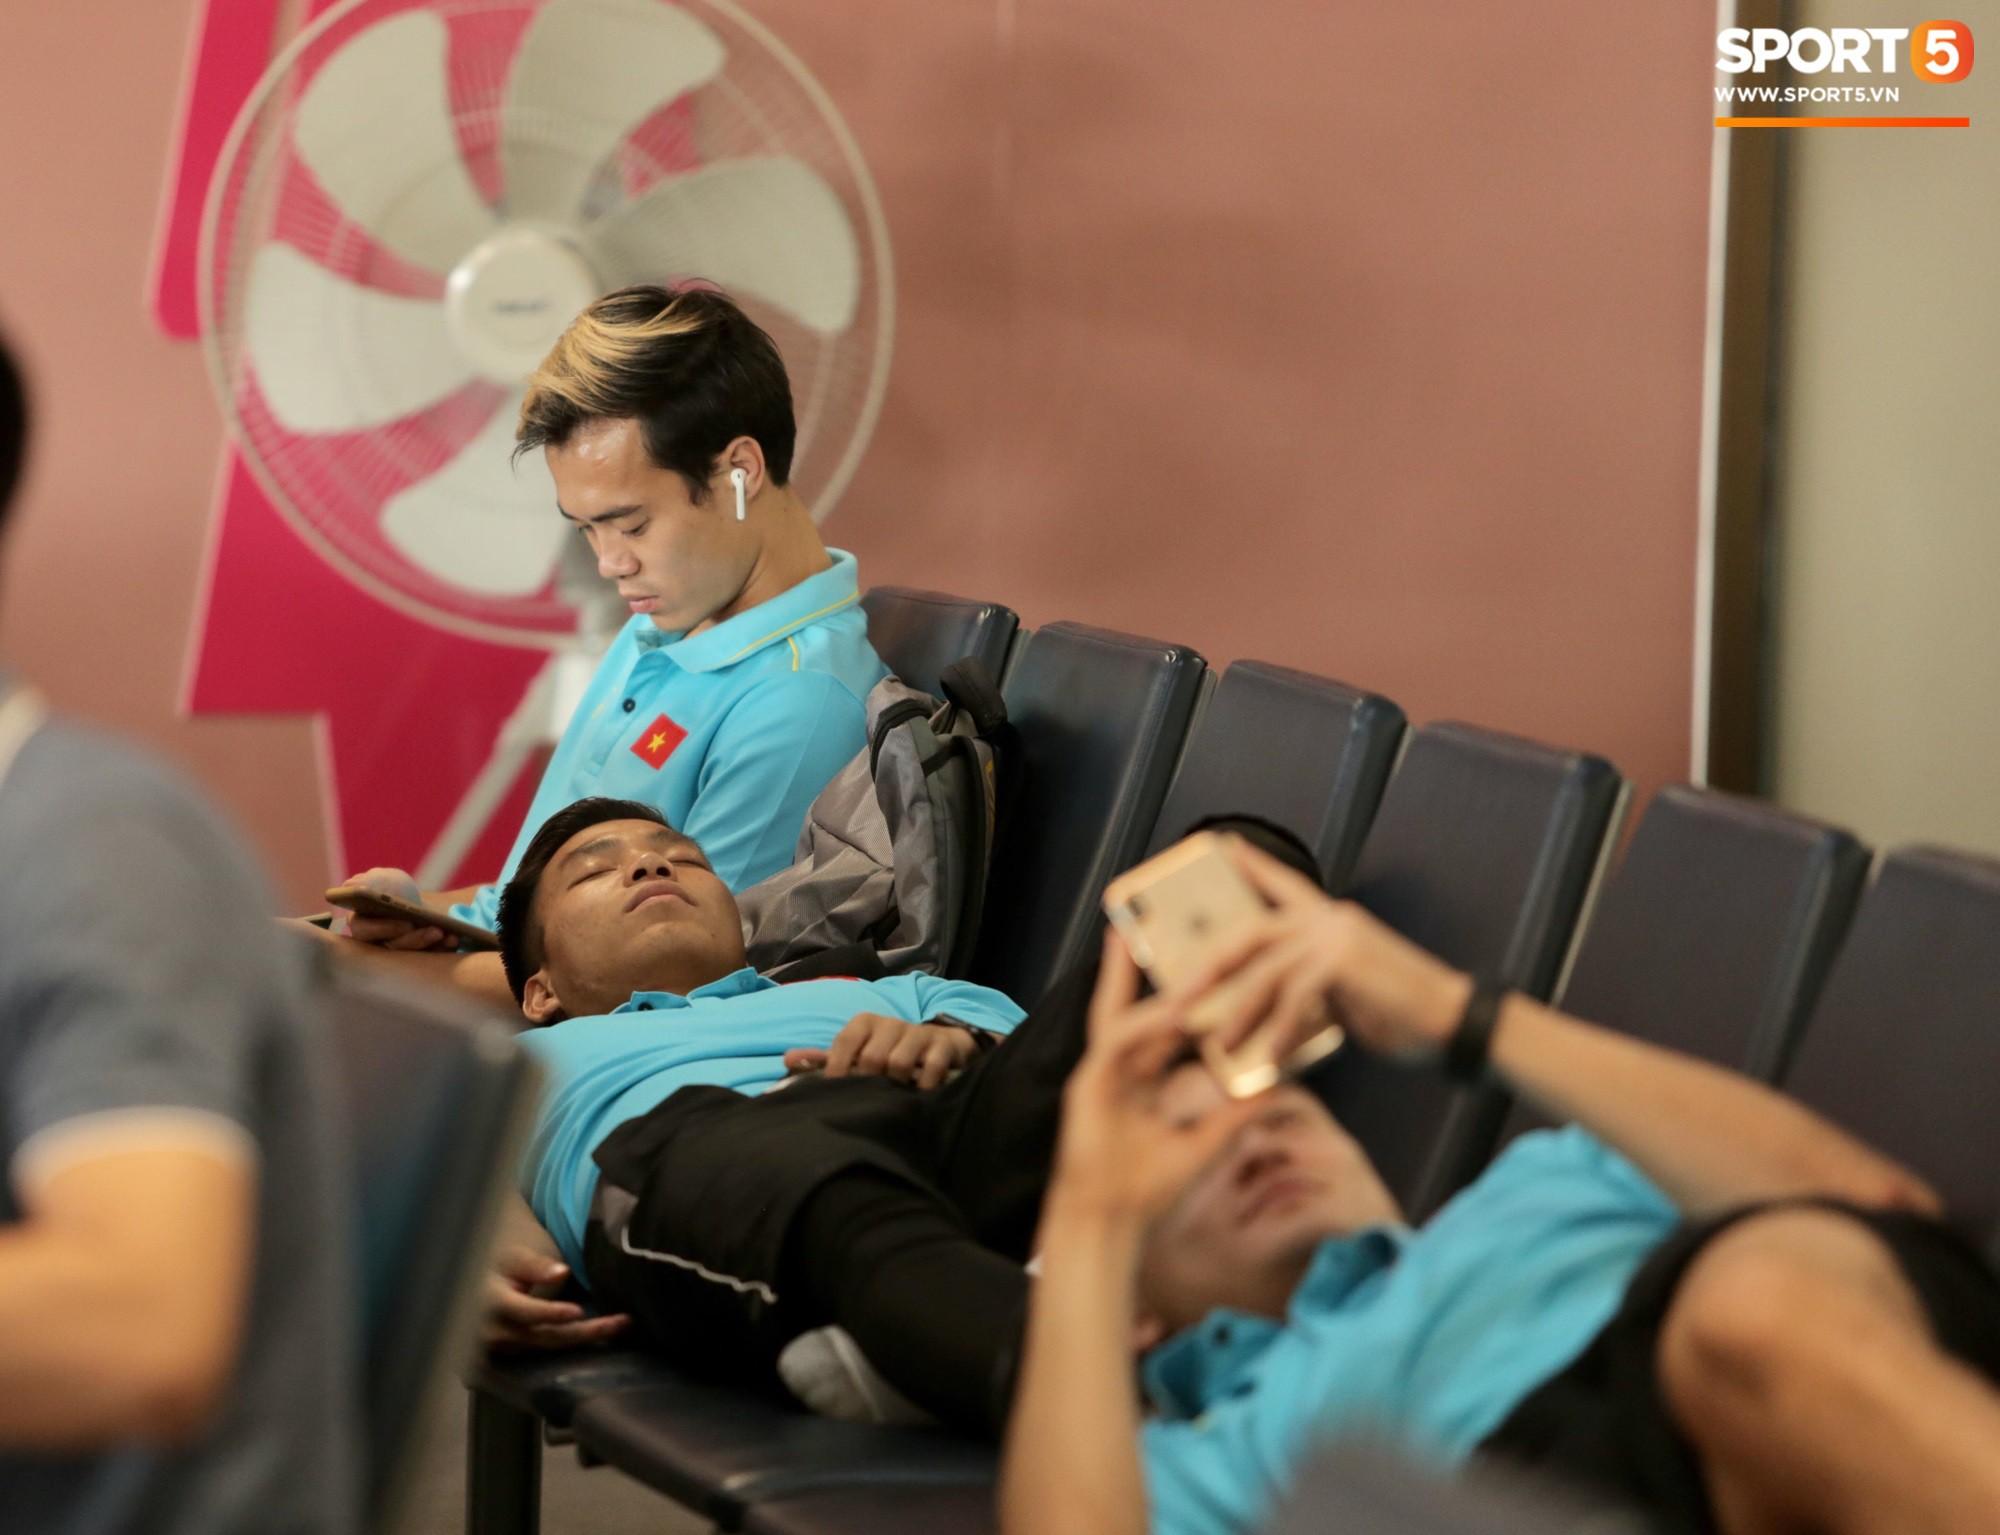 Khoảnh khắc ngọt ngào: HLV Park Hang-seo gối đầu lên đùi Văn Toàn đầy tình cảm tại sân bay - Ảnh 5.